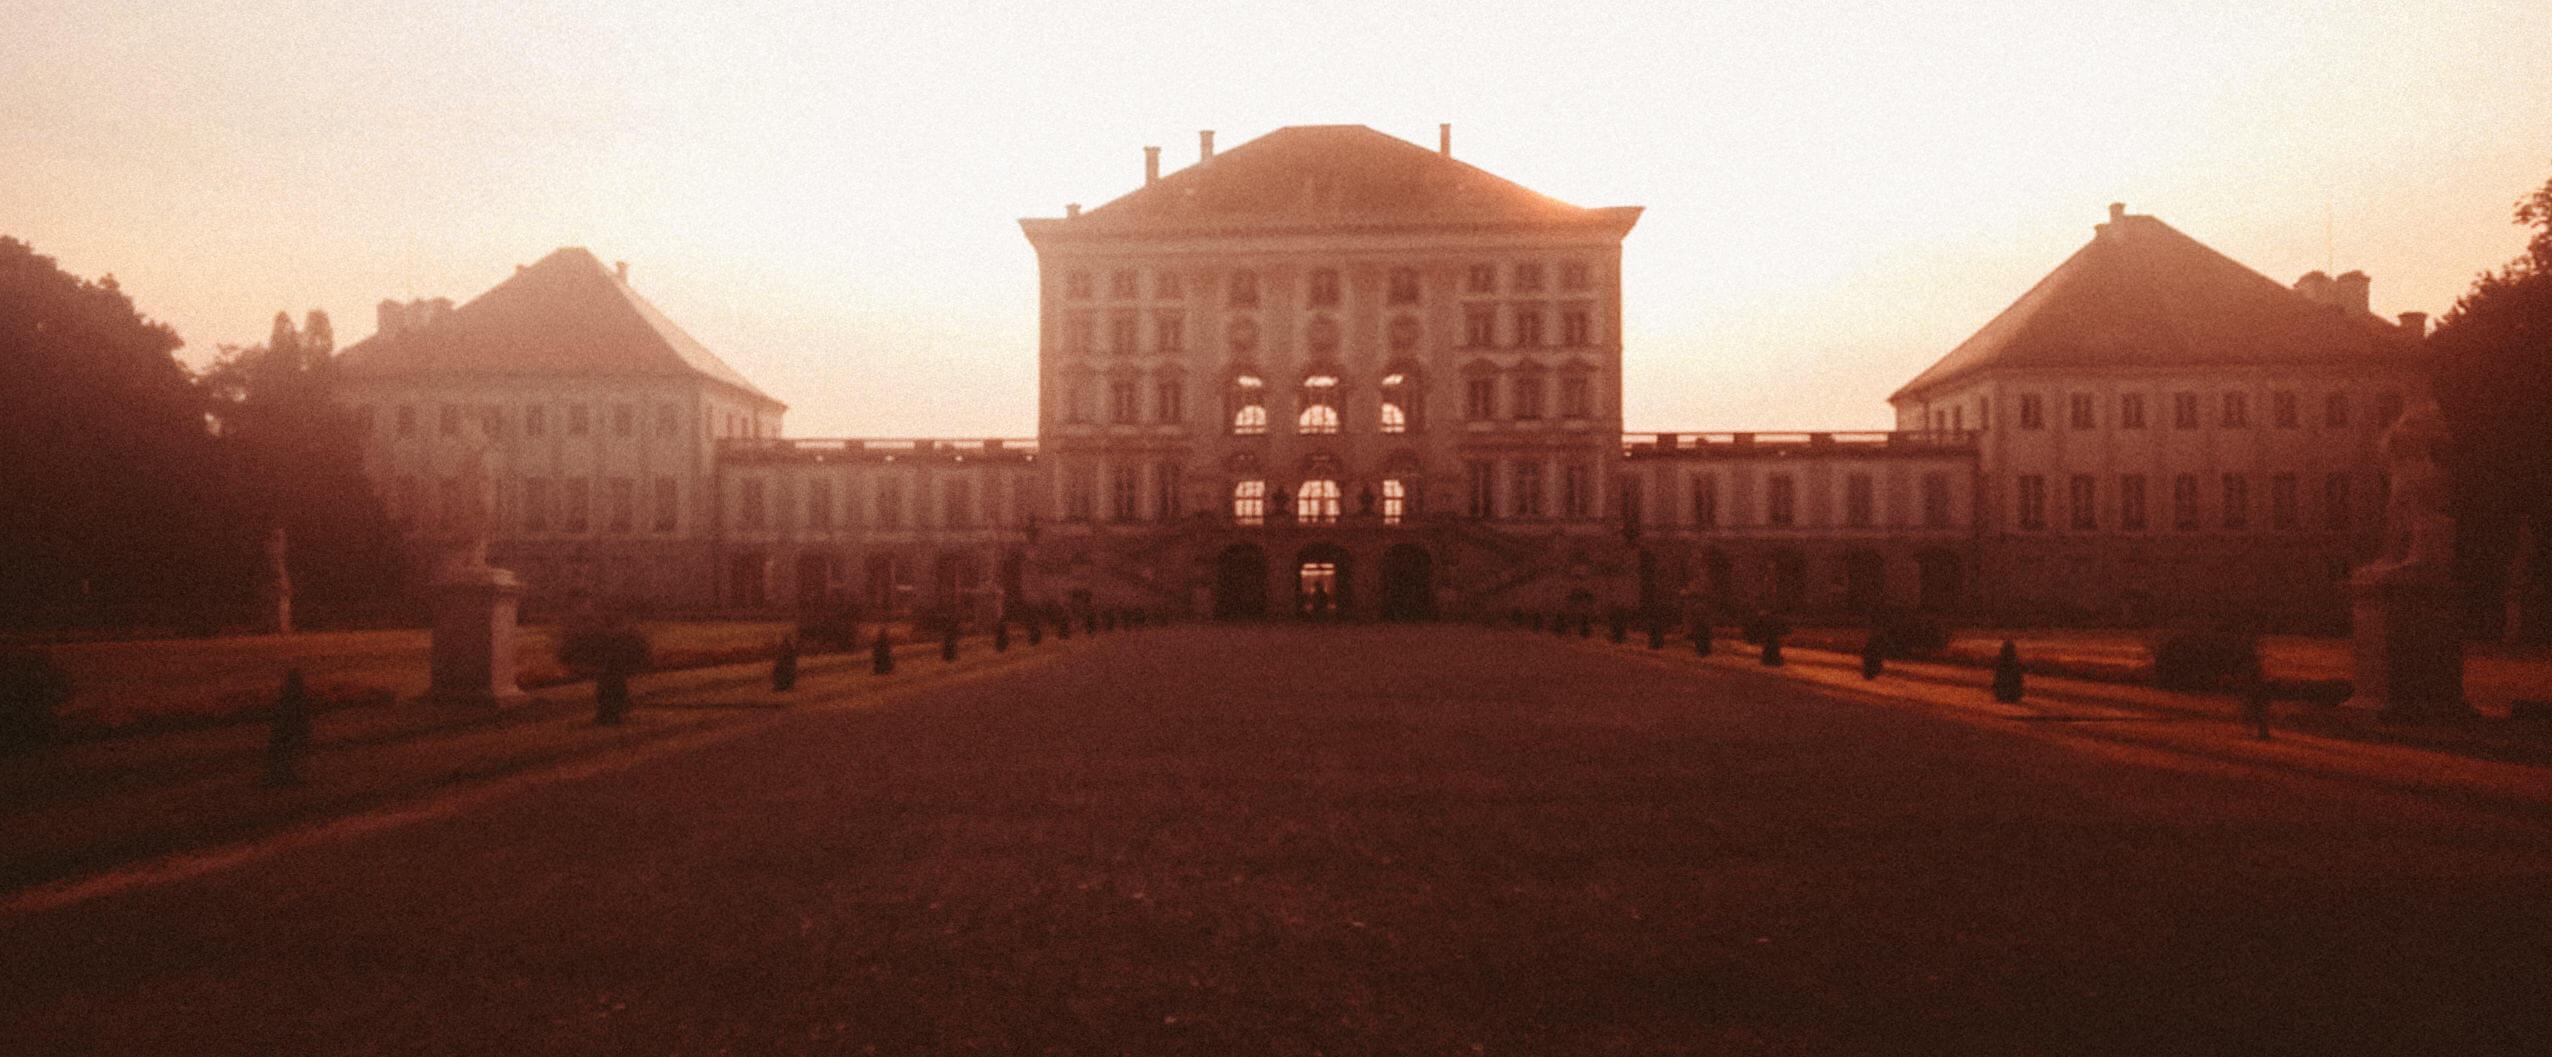 170917 Nymphenburg 21 11